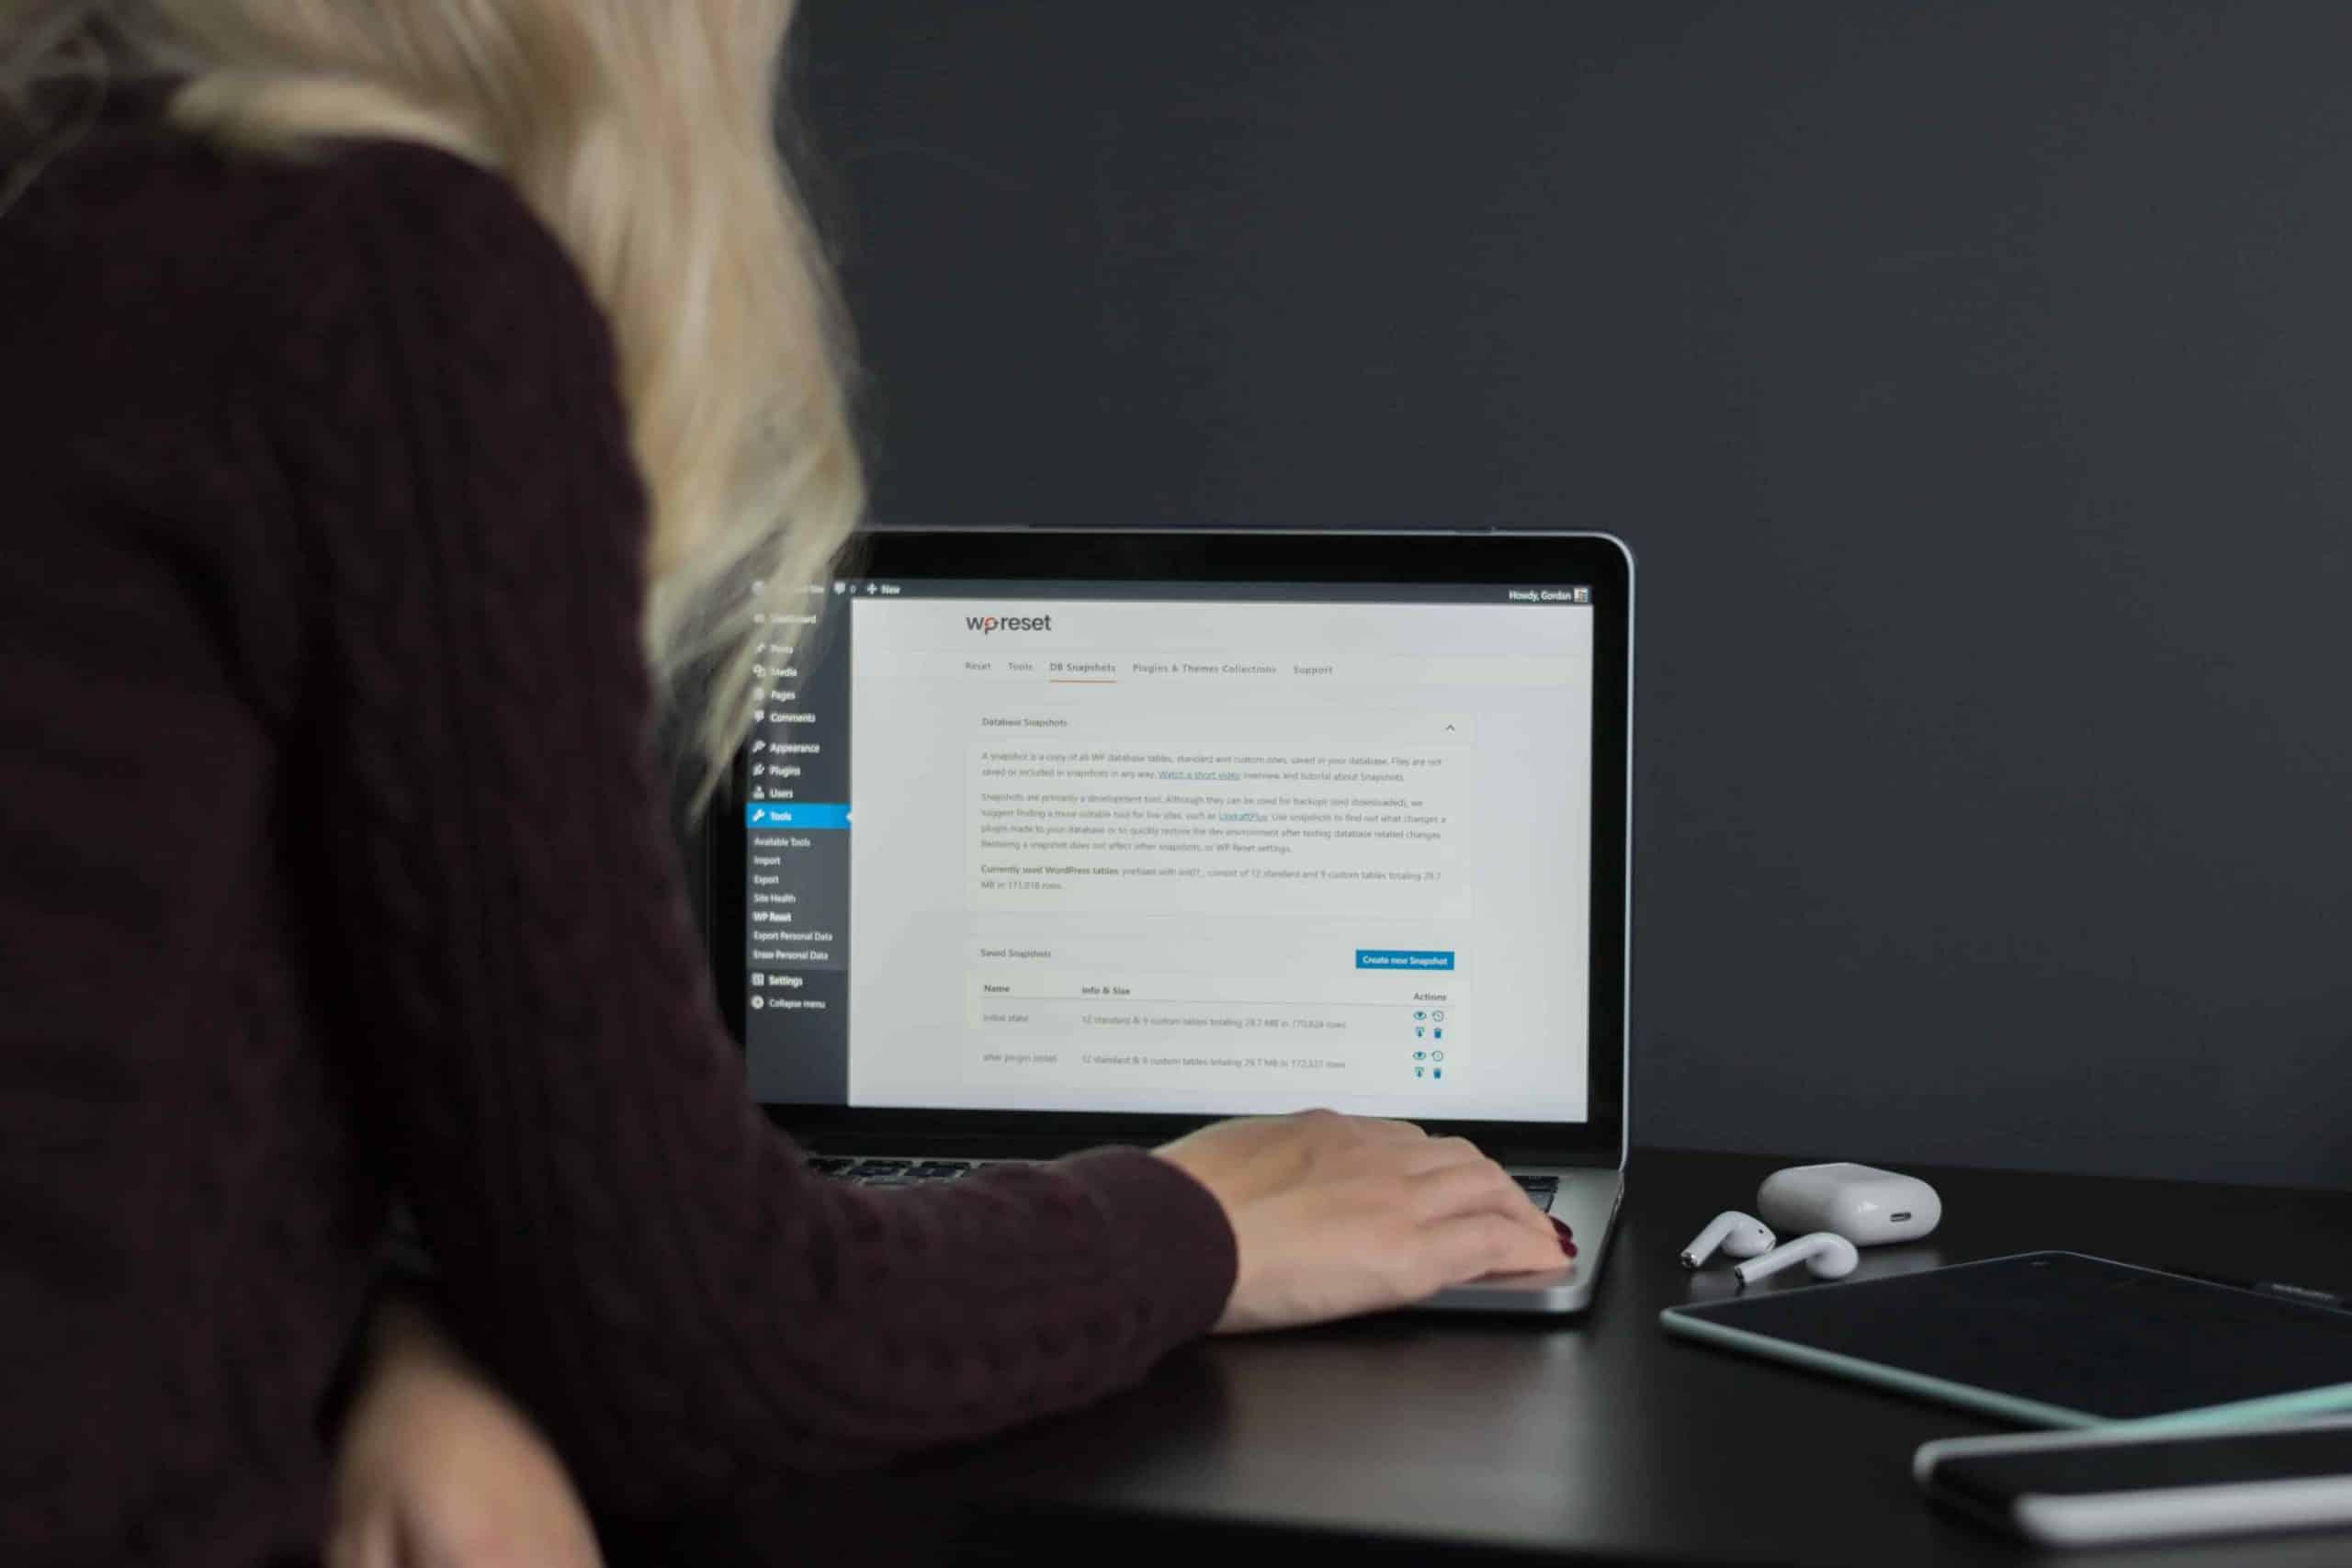 Webseitenerstellung - WordPress